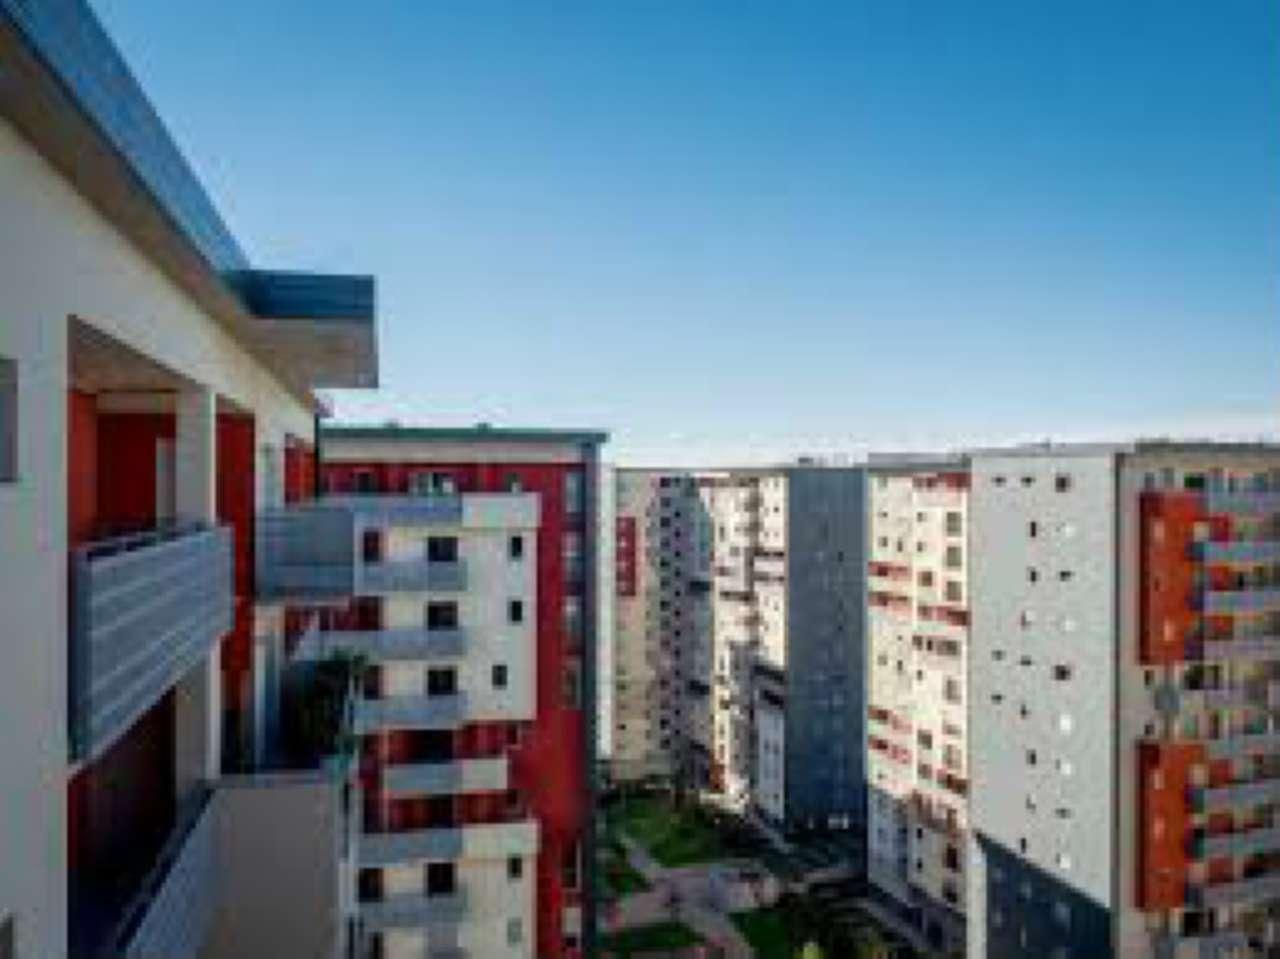 Palazzo / Stabile in vendita a Milano, 9999 locali, zona Zona: 3 . Bicocca, Greco, Monza, Palmanova, Padova, Trattative riservate | Cambio Casa.it